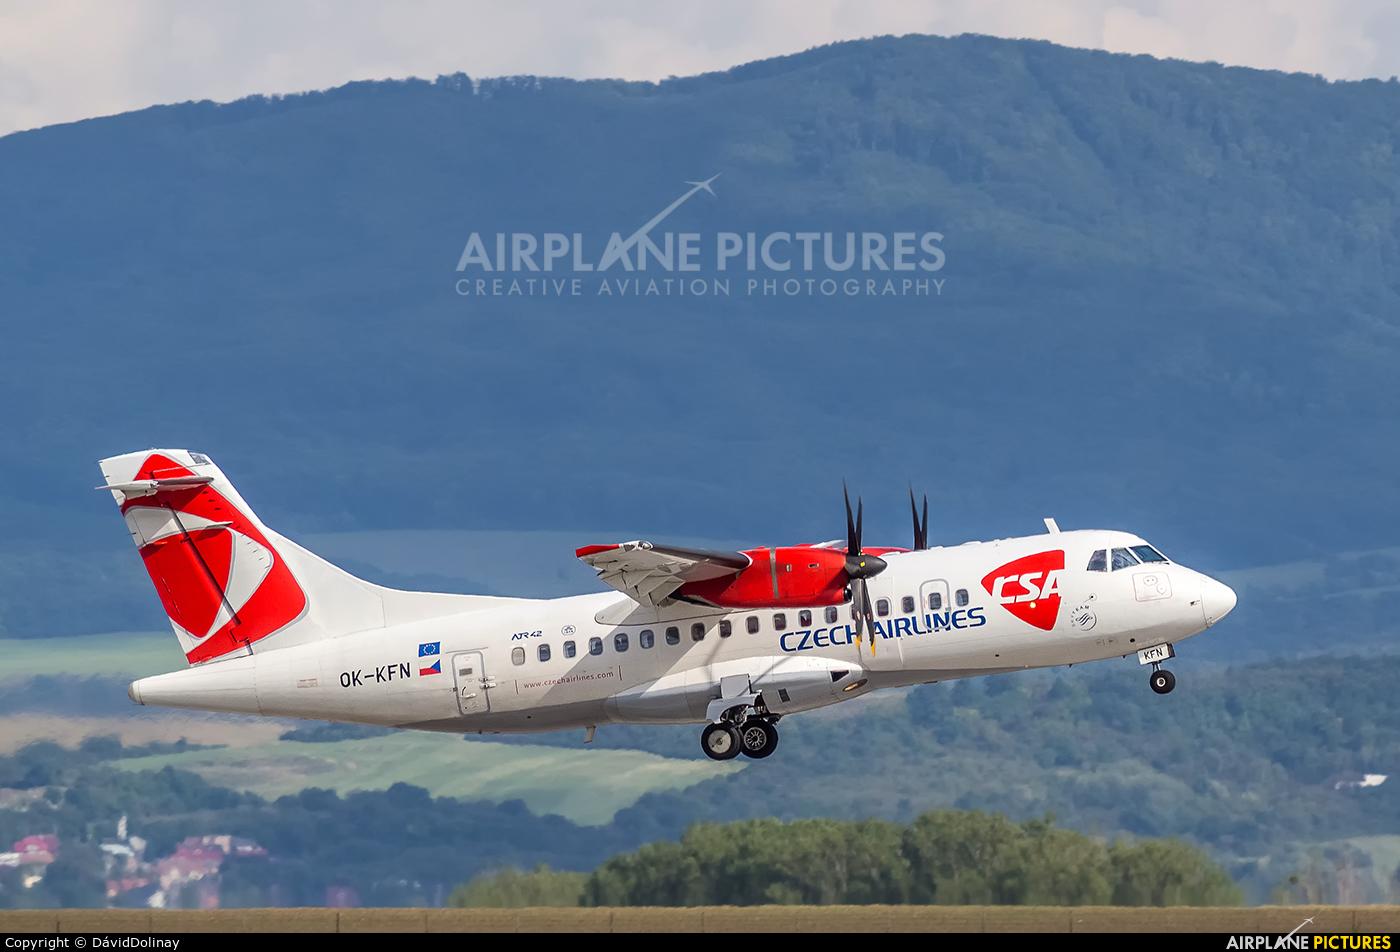 CSA - Czech Airlines OK-KFN aircraft at Košice - Barca